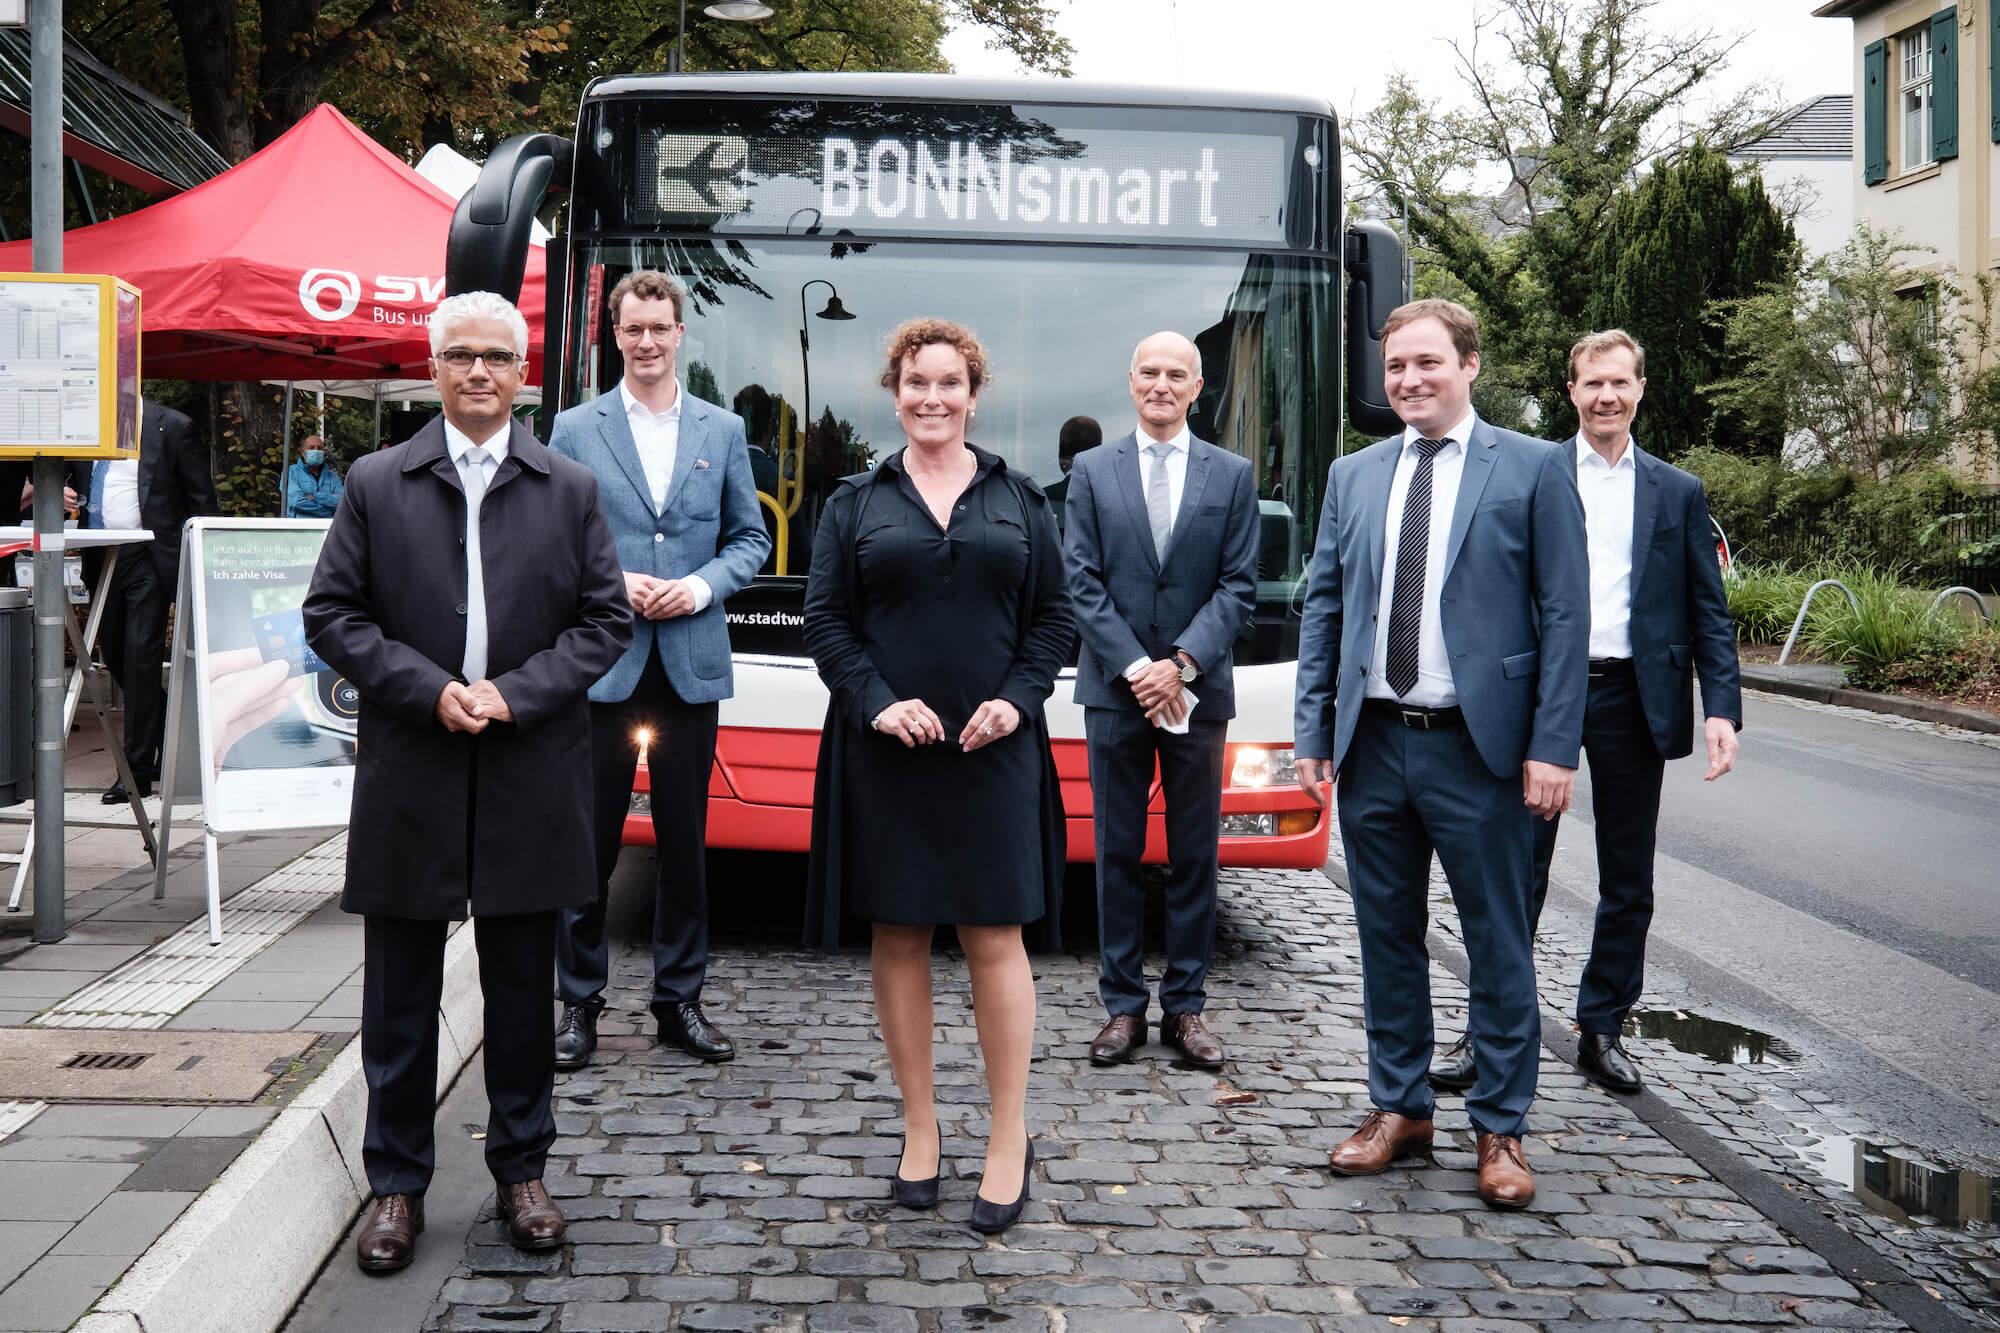 Vorstellung von BONNsmart, der ersten kontaktlosen ÖPNV Ticketing-System in Deutschland